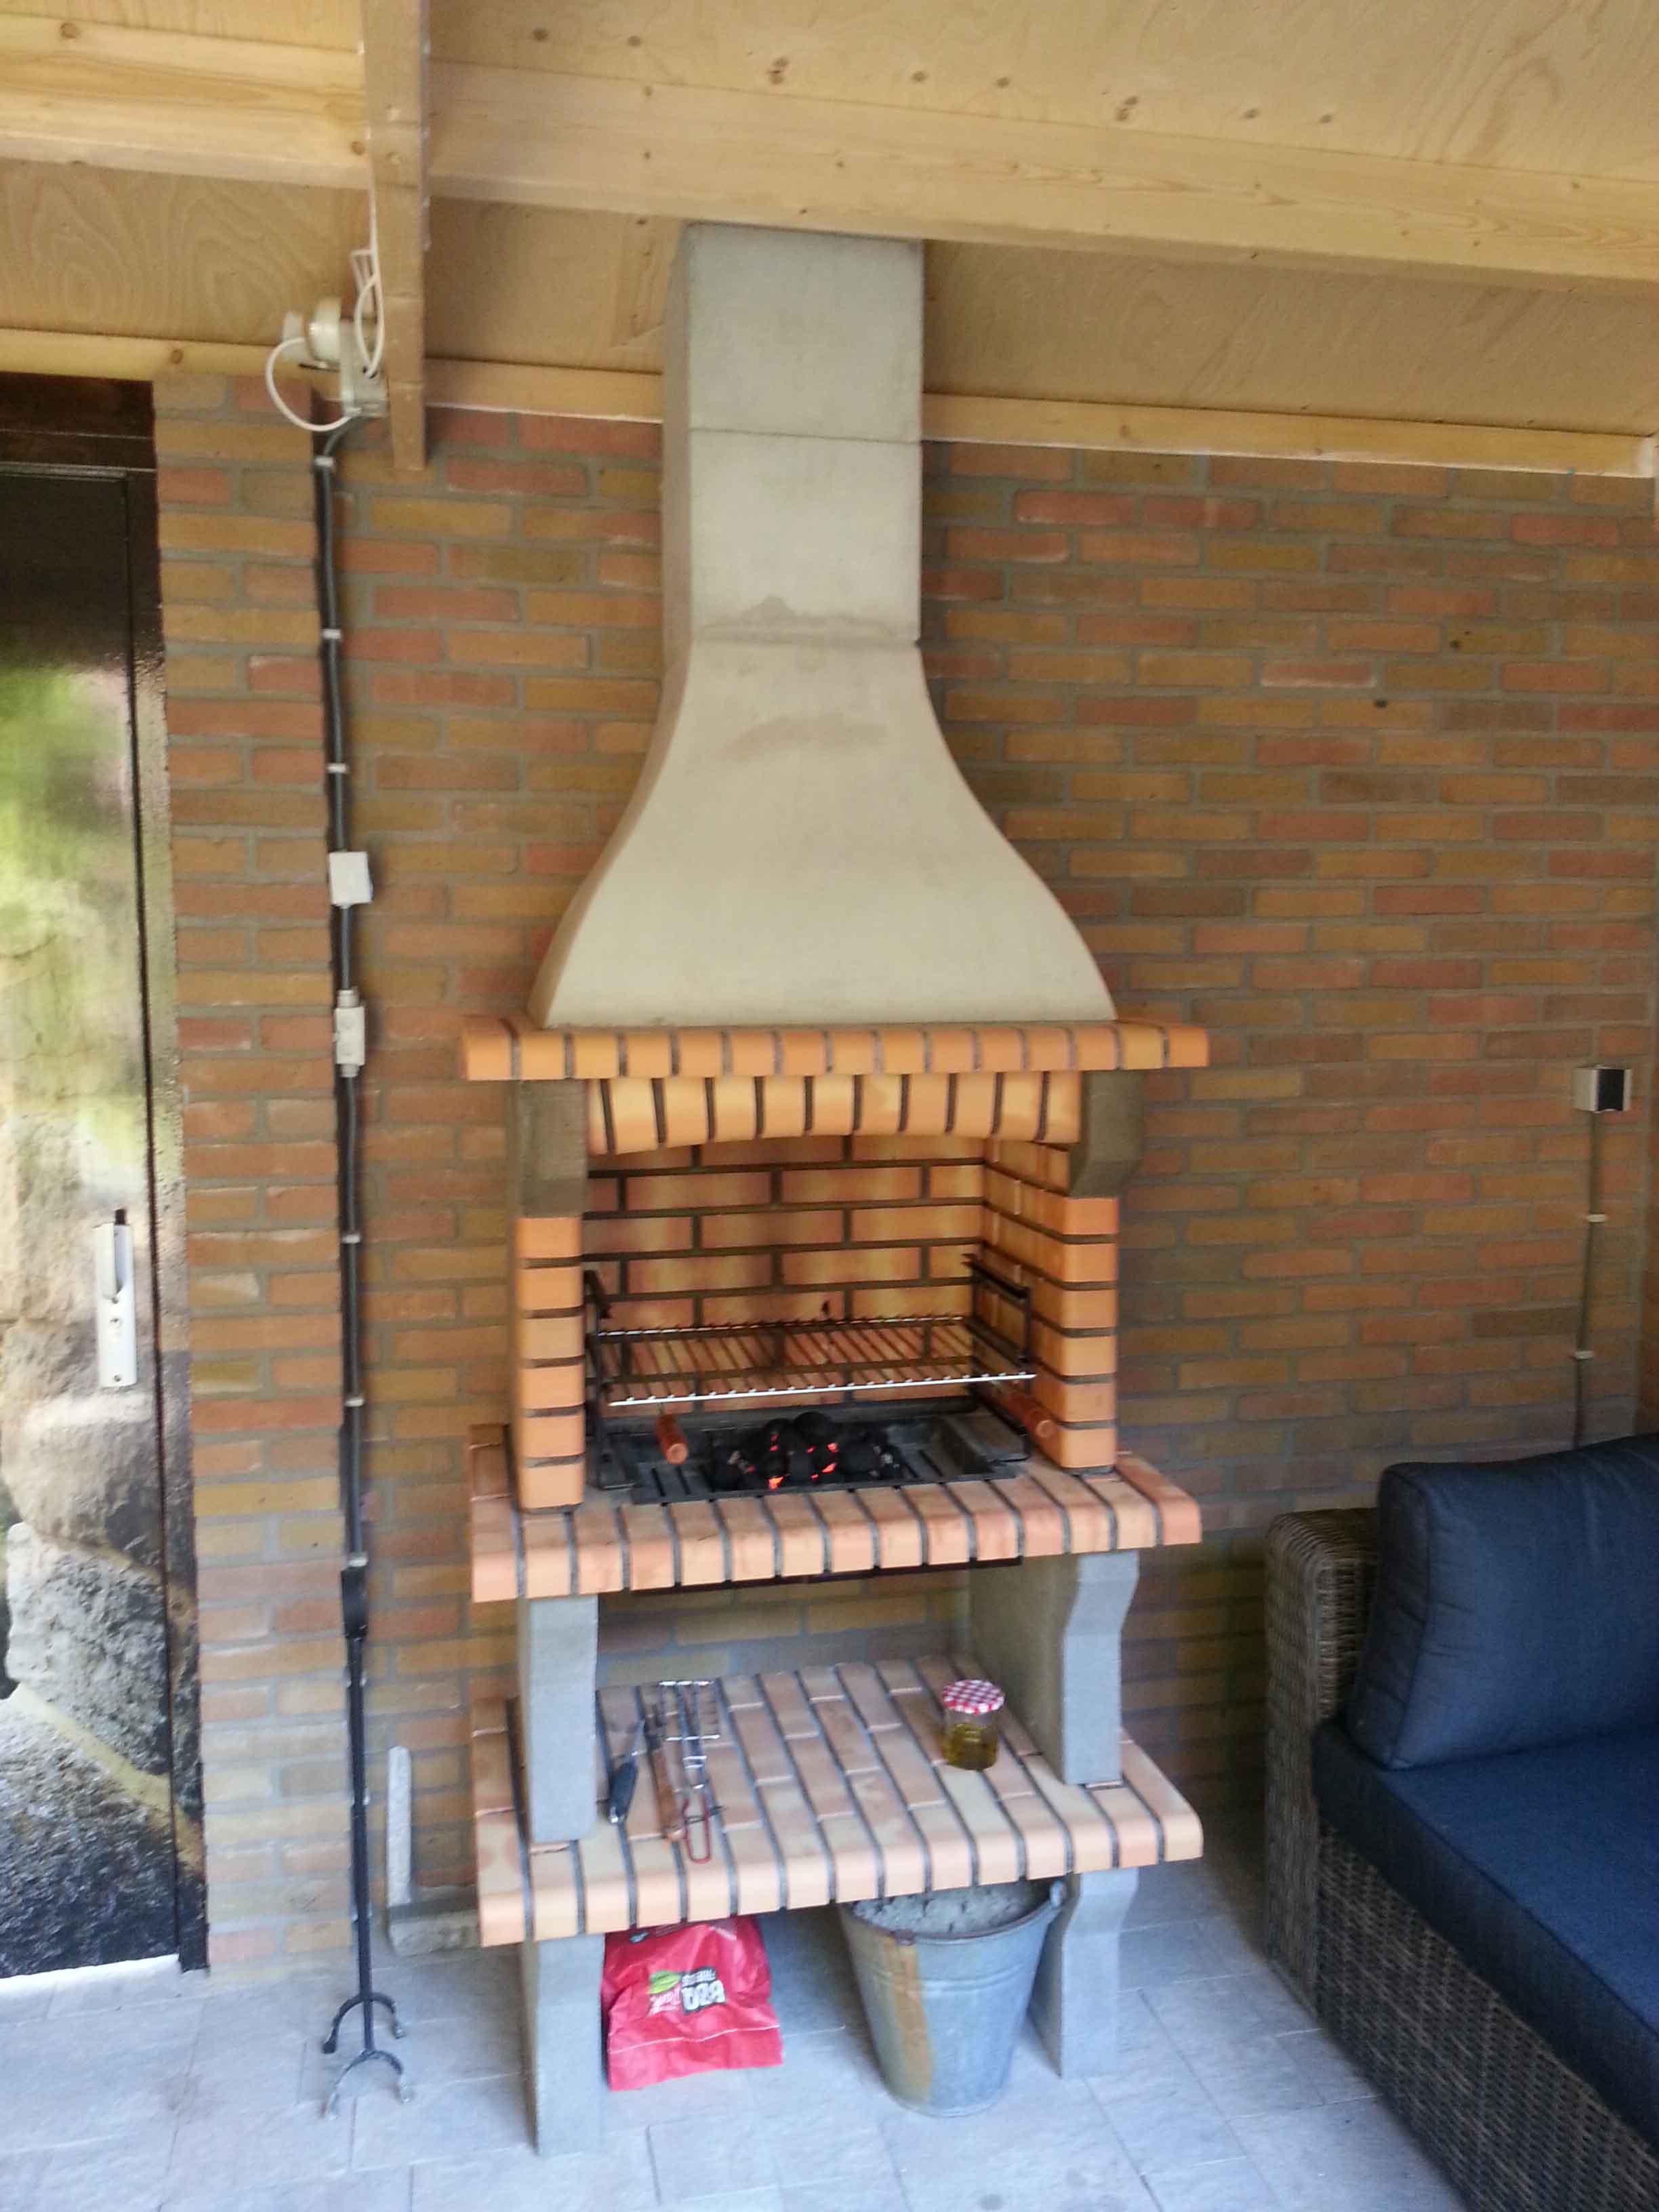 Evora 02, steen kleur Geel, grillset G3 inbouw. haard is in schuur geplaasts, rookkanaal middels pijp door dak.